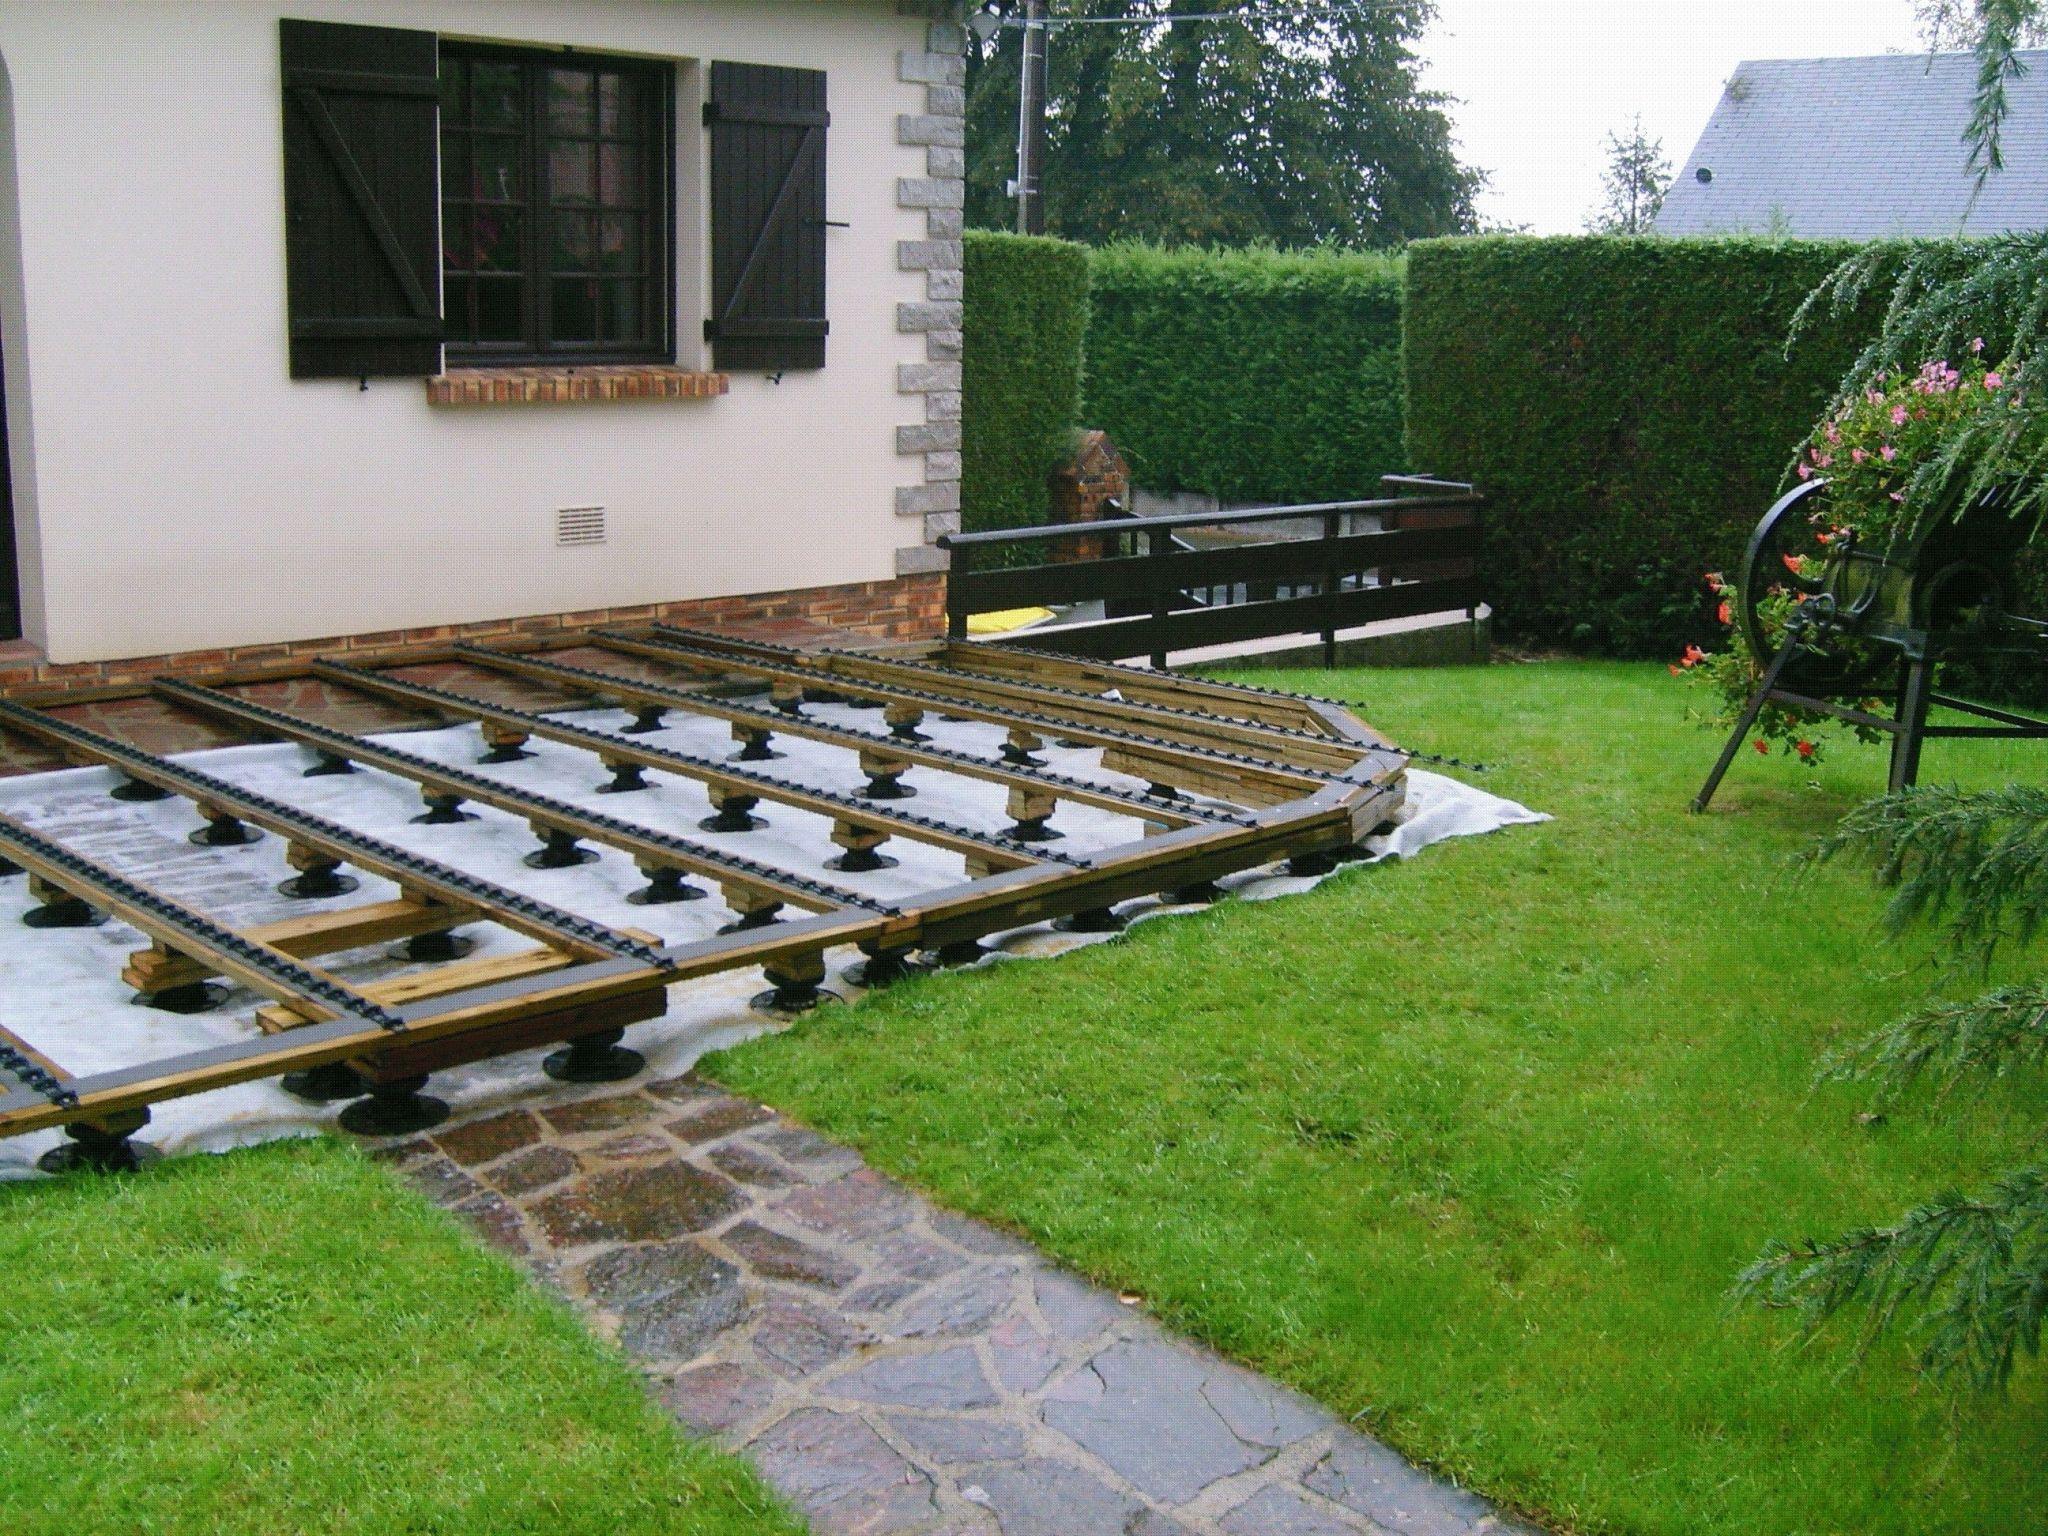 Plan Aménagement Jardin Concept - Idees Conception Jardin avec Jardin Avec Galets Blancs